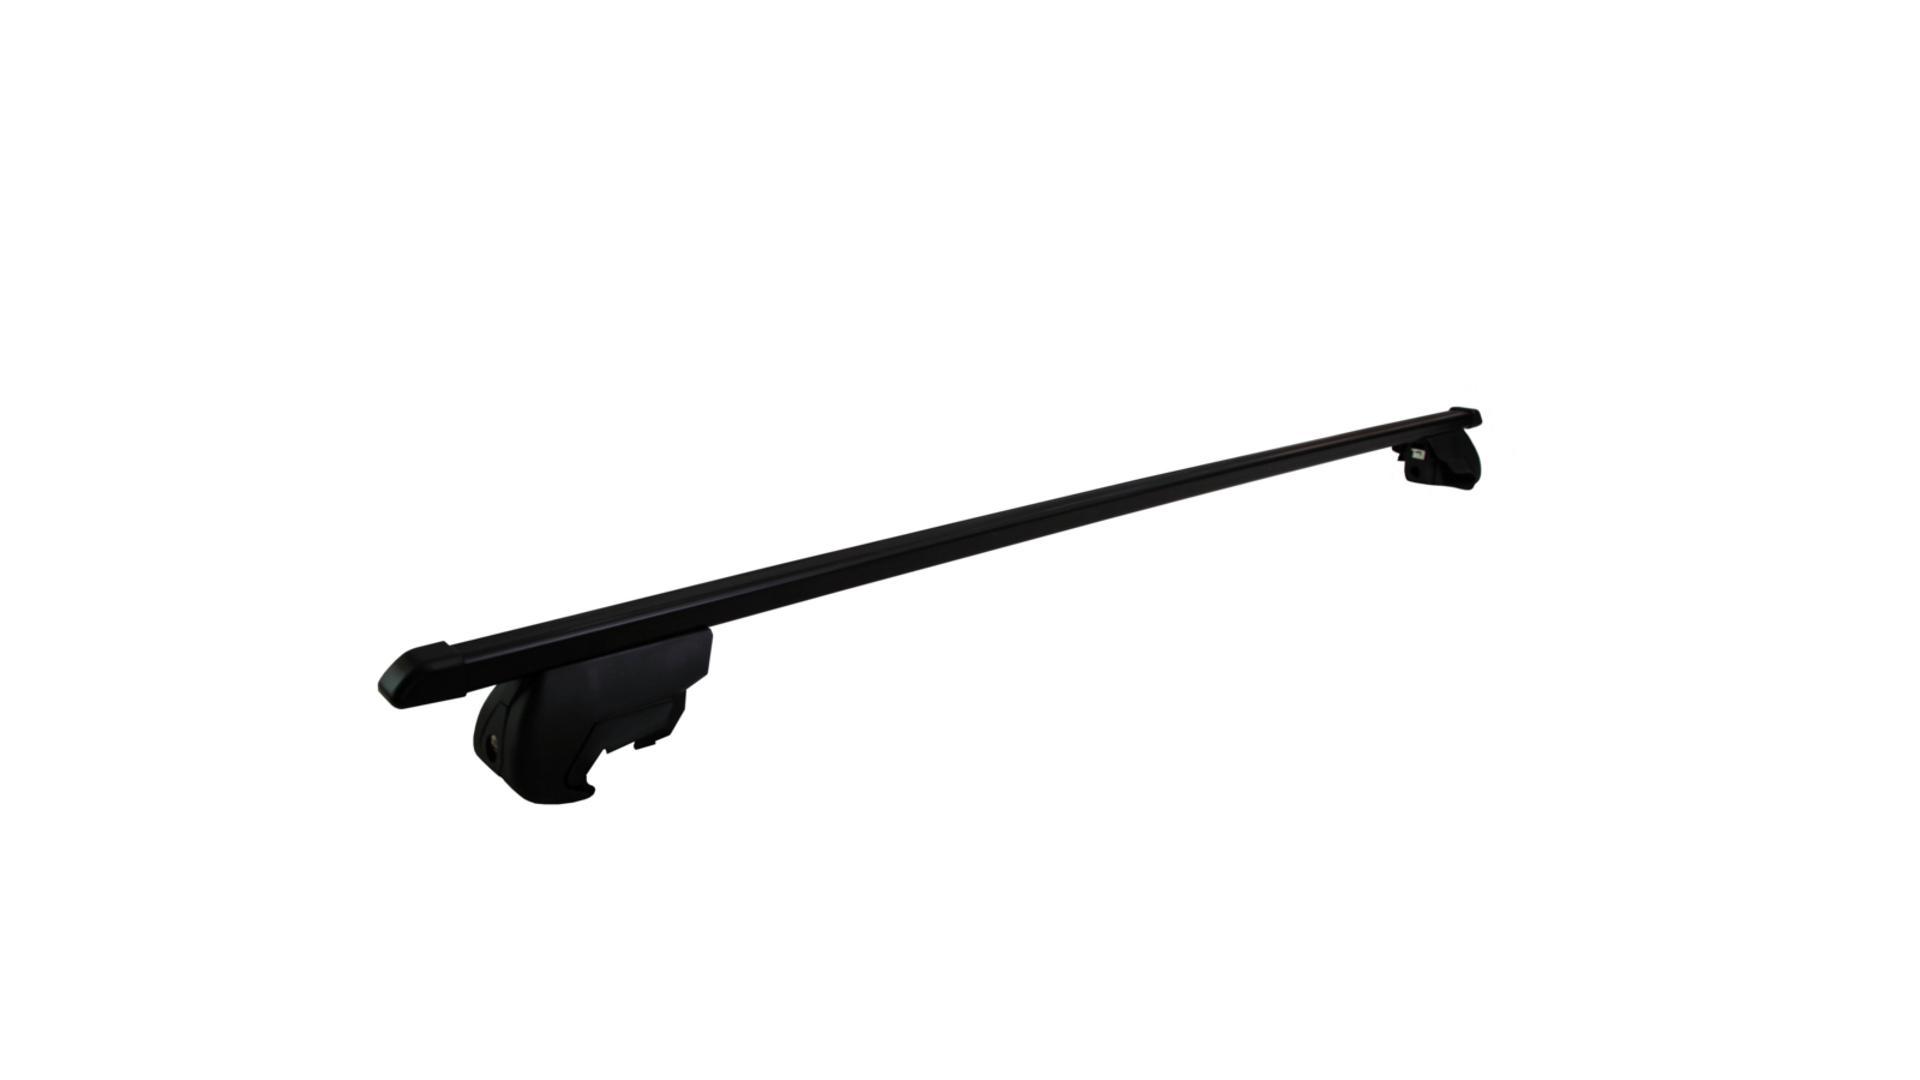 Taurus EasyUp oceľový strešný nosič 120 cm - uzamykateľný